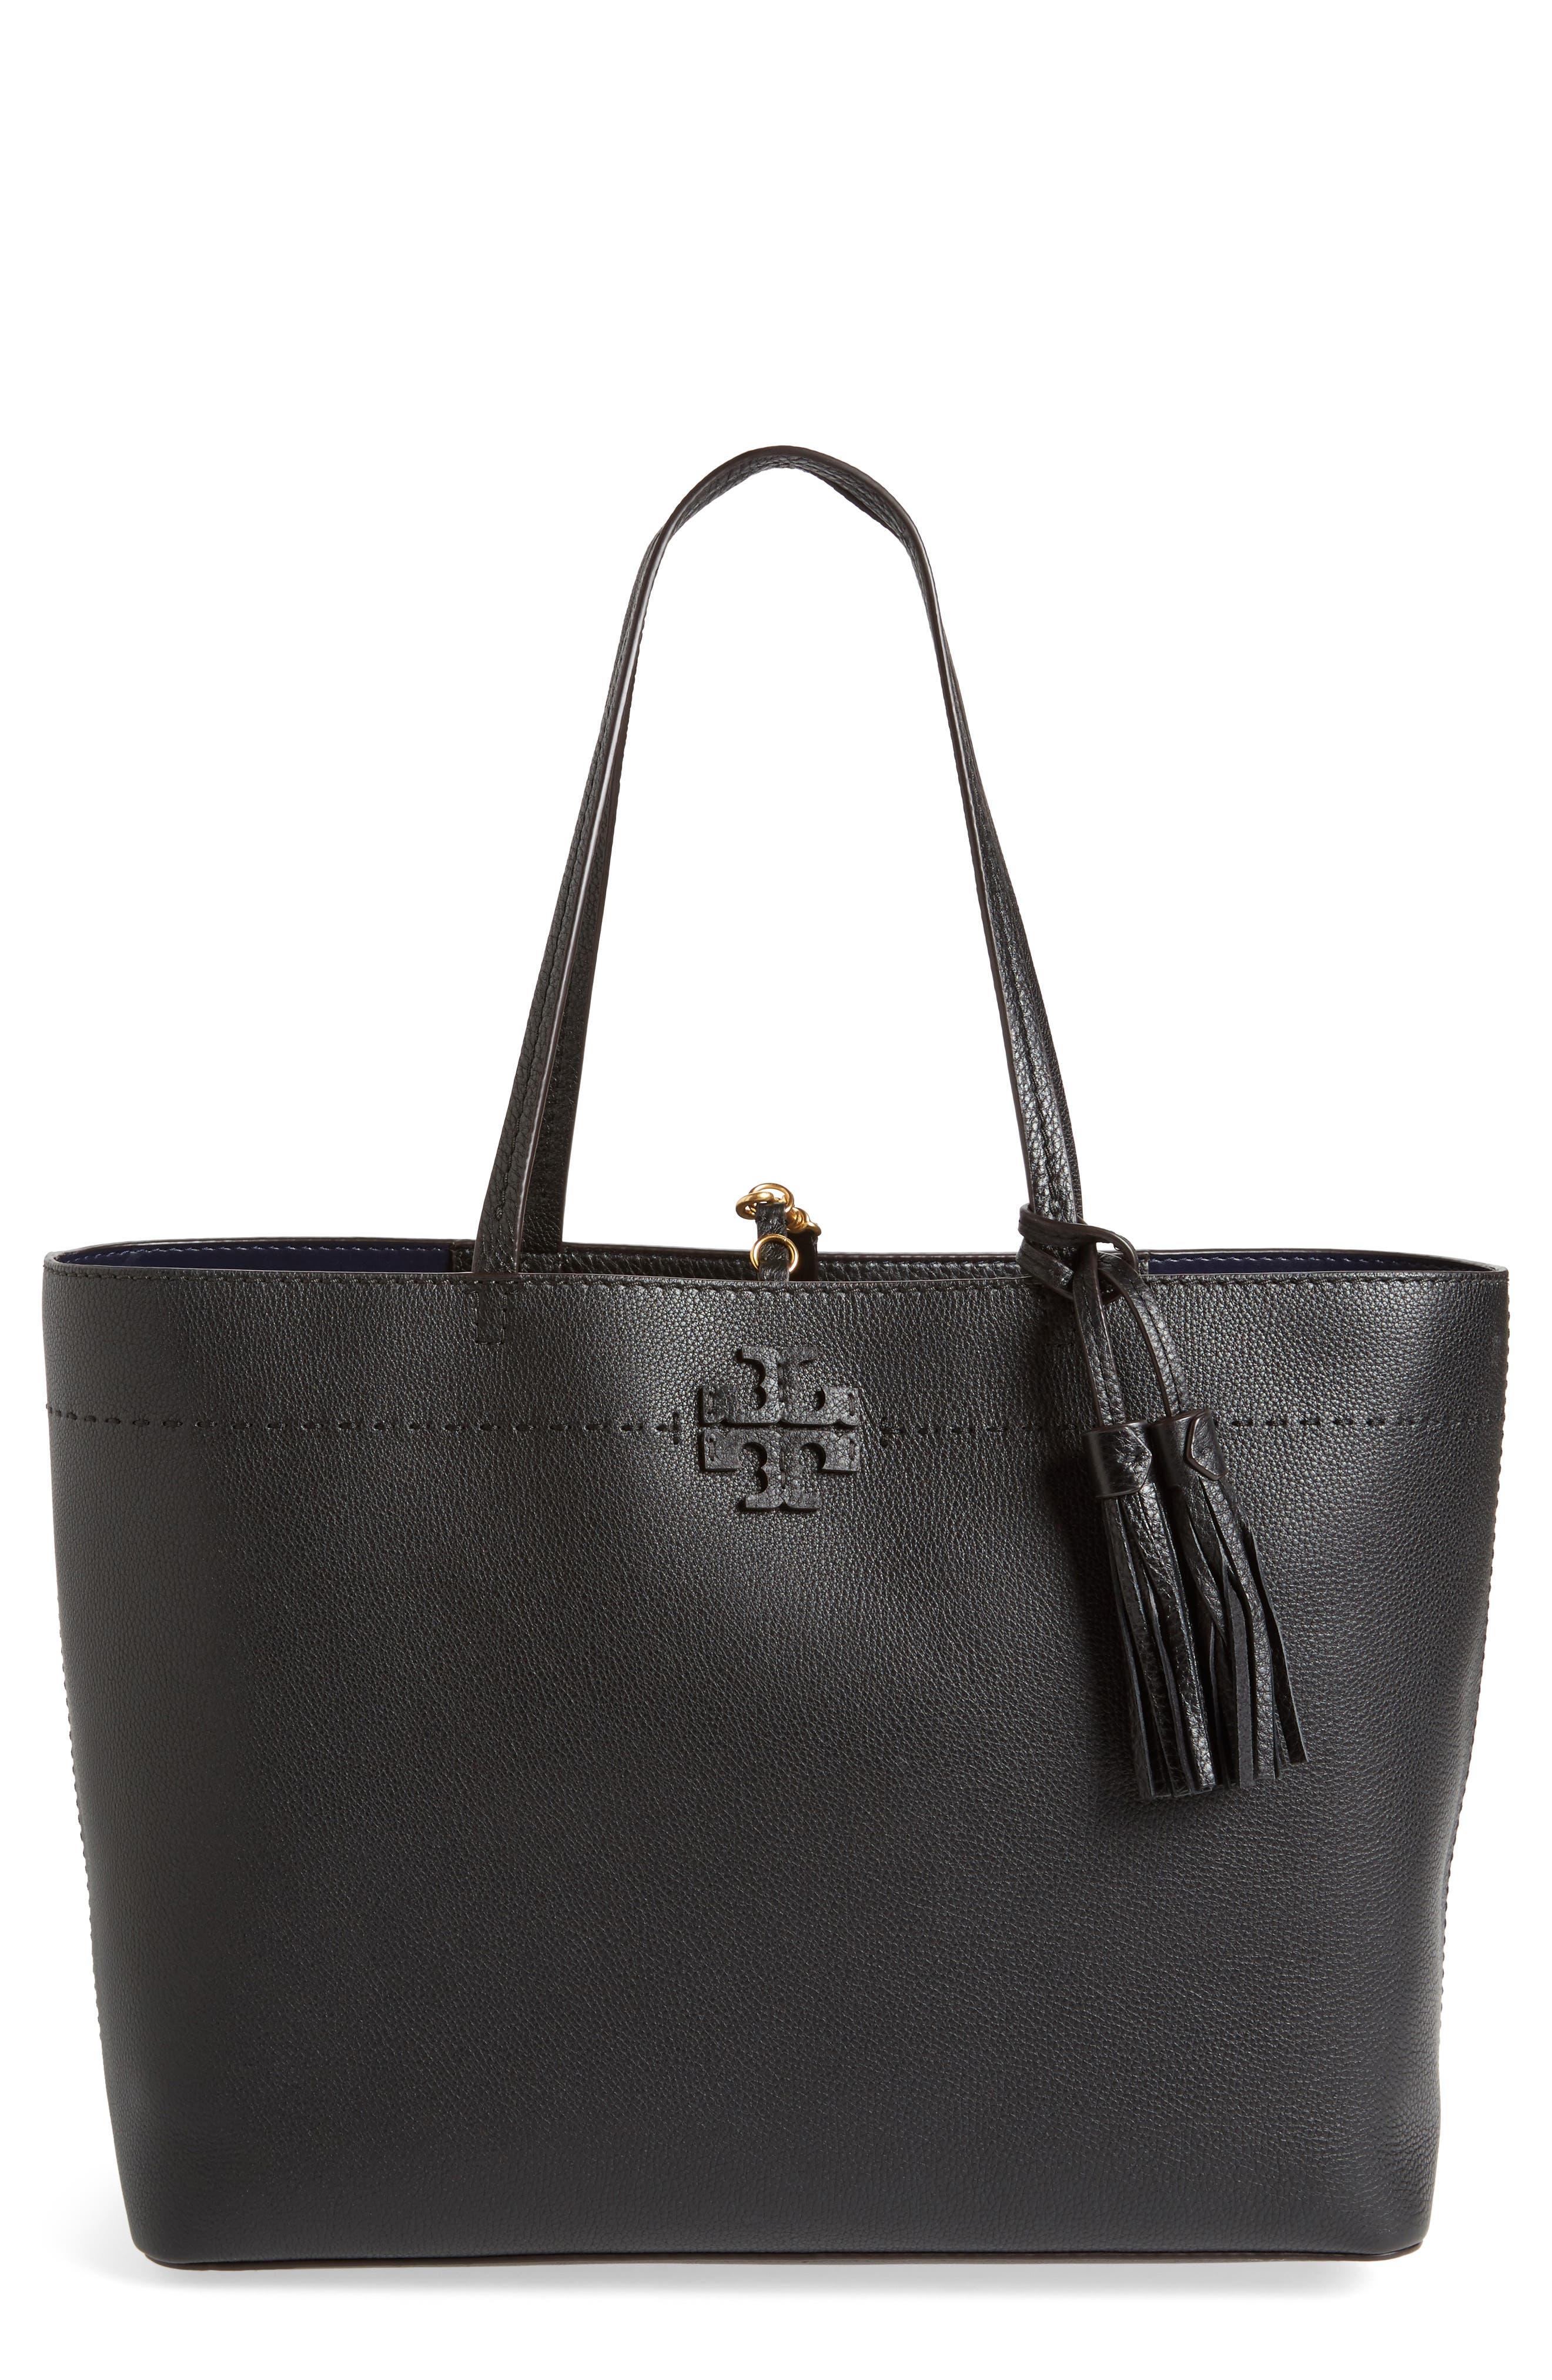 fa4cb2eca07 Tory Burch Handbags   Wallets